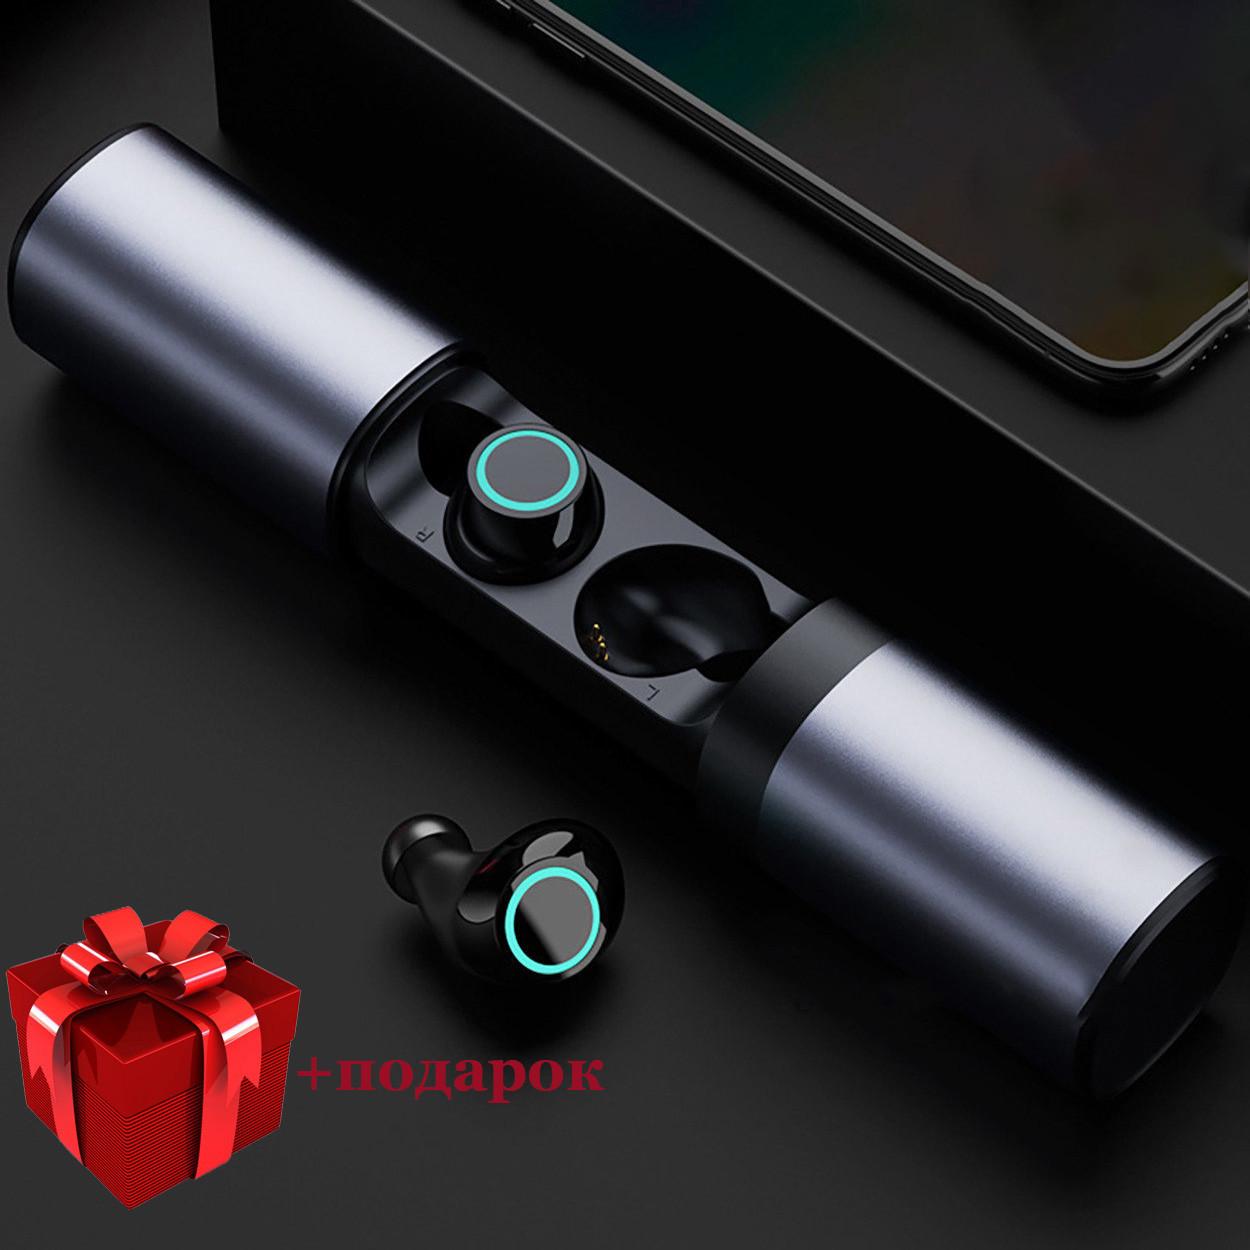 Навушники Wi-pods S2 Bluetooth 5.0 бездротові водонепроникні із зарядним чохлом-кейсом. металік